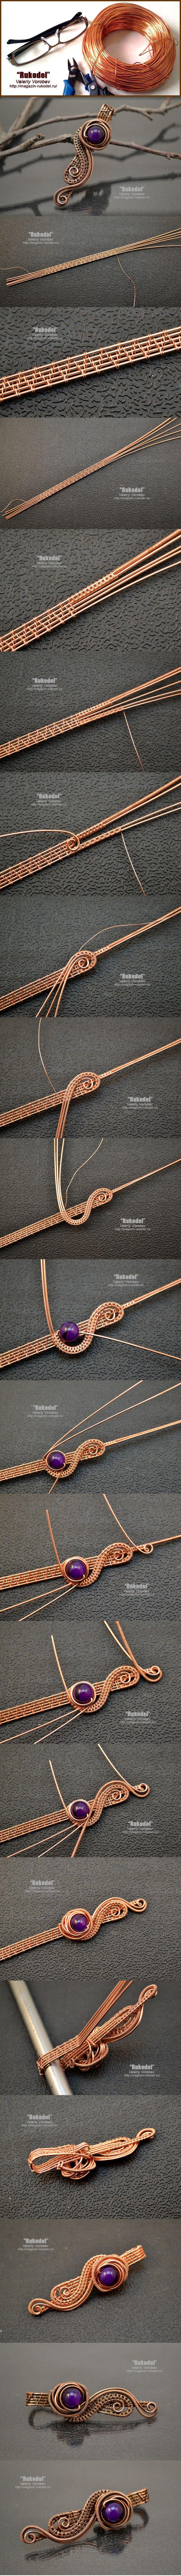 Кулон из проволоки - фото мастер класс. Wire Wrap Pendant | Рукодел